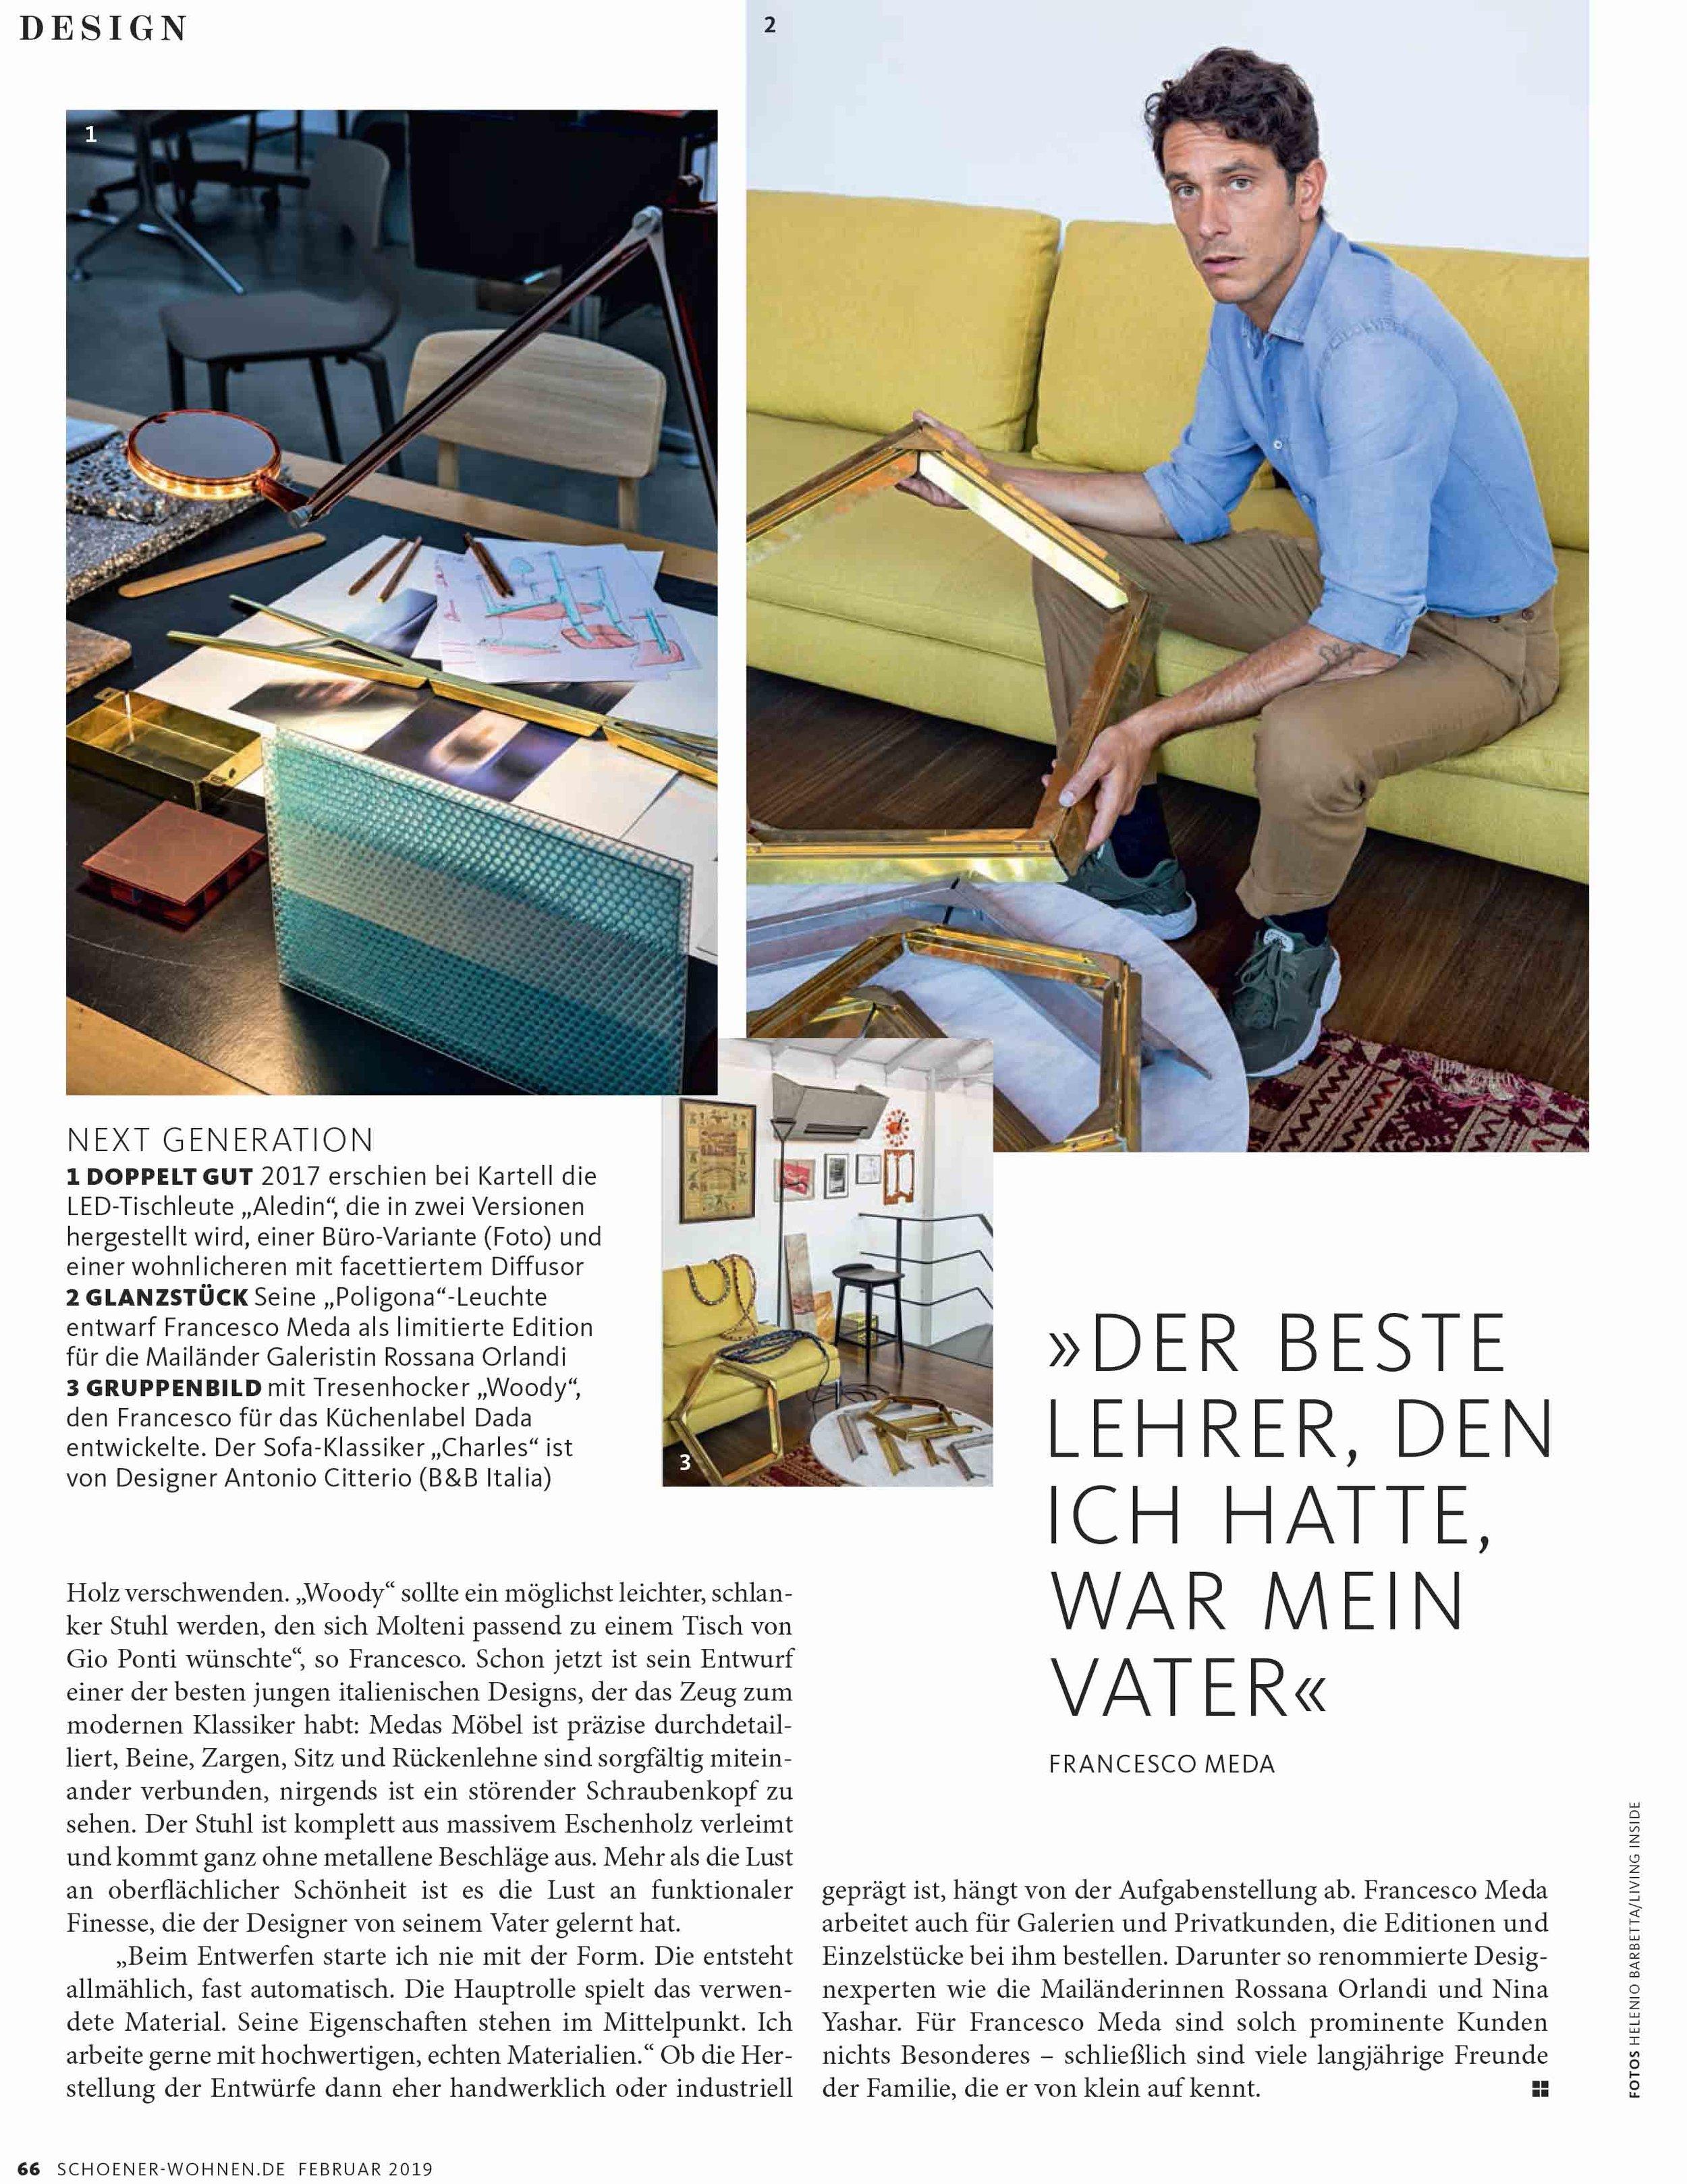 Francesco Meda Schoner Wohnen February 2019-3.jpg